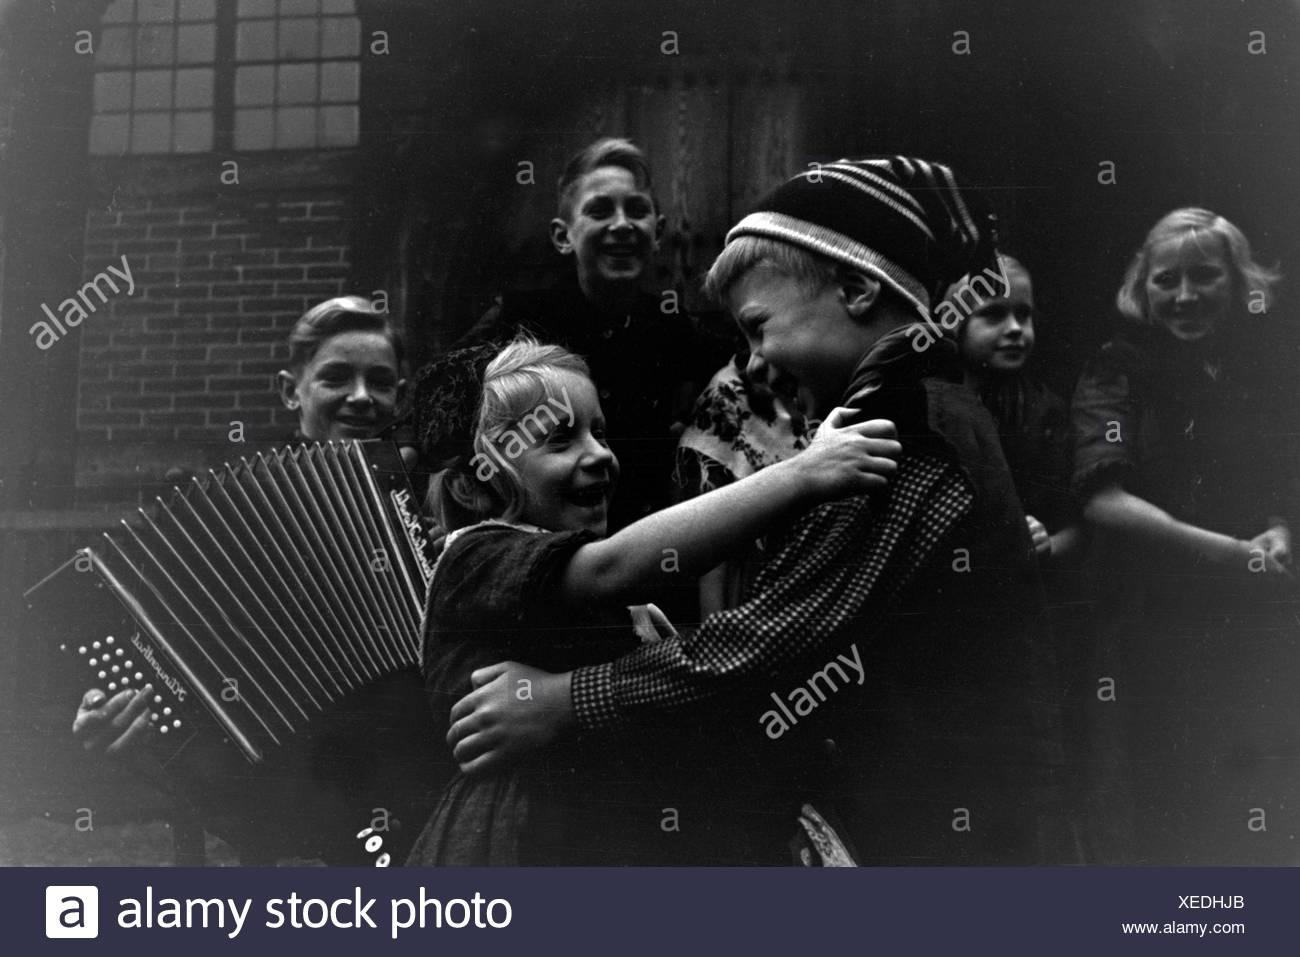 Kinder tanzen in der Tracht der Gegend um Ammerland bei Bad Zwischenahn im Oldenburger Land, Deutschland 1930er Jahre. Children dancing in traditional costume of Ammerland near Bad Zwischenahn at the Oldenburg area, Germany 1930s - Stock Image